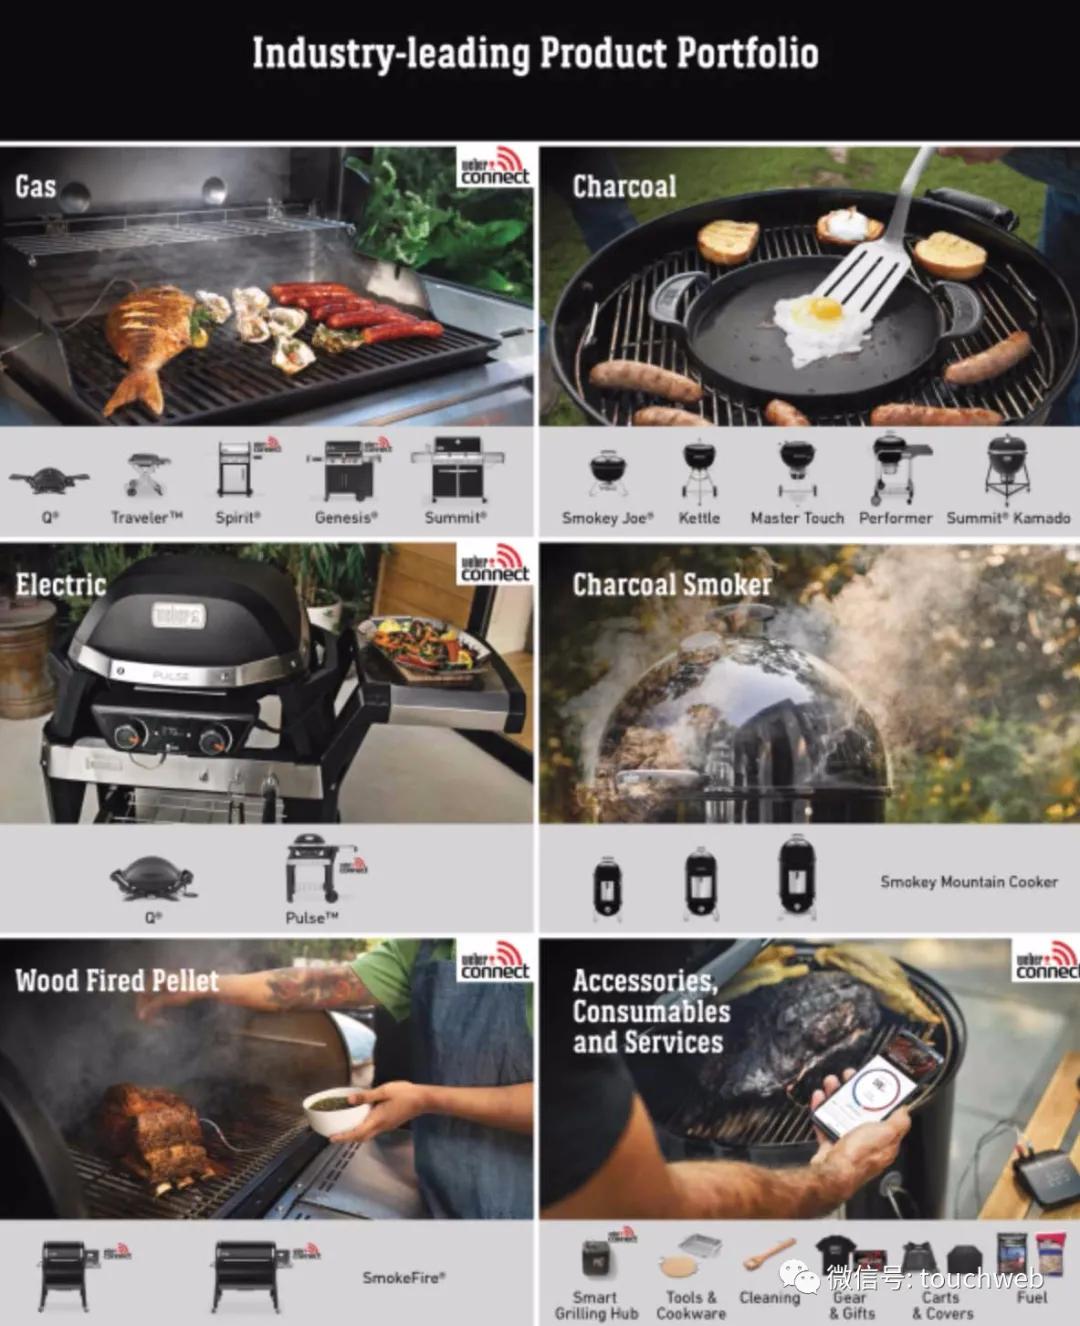 烧烤用品生产商Weber冲刺美股:拟募资8亿美元